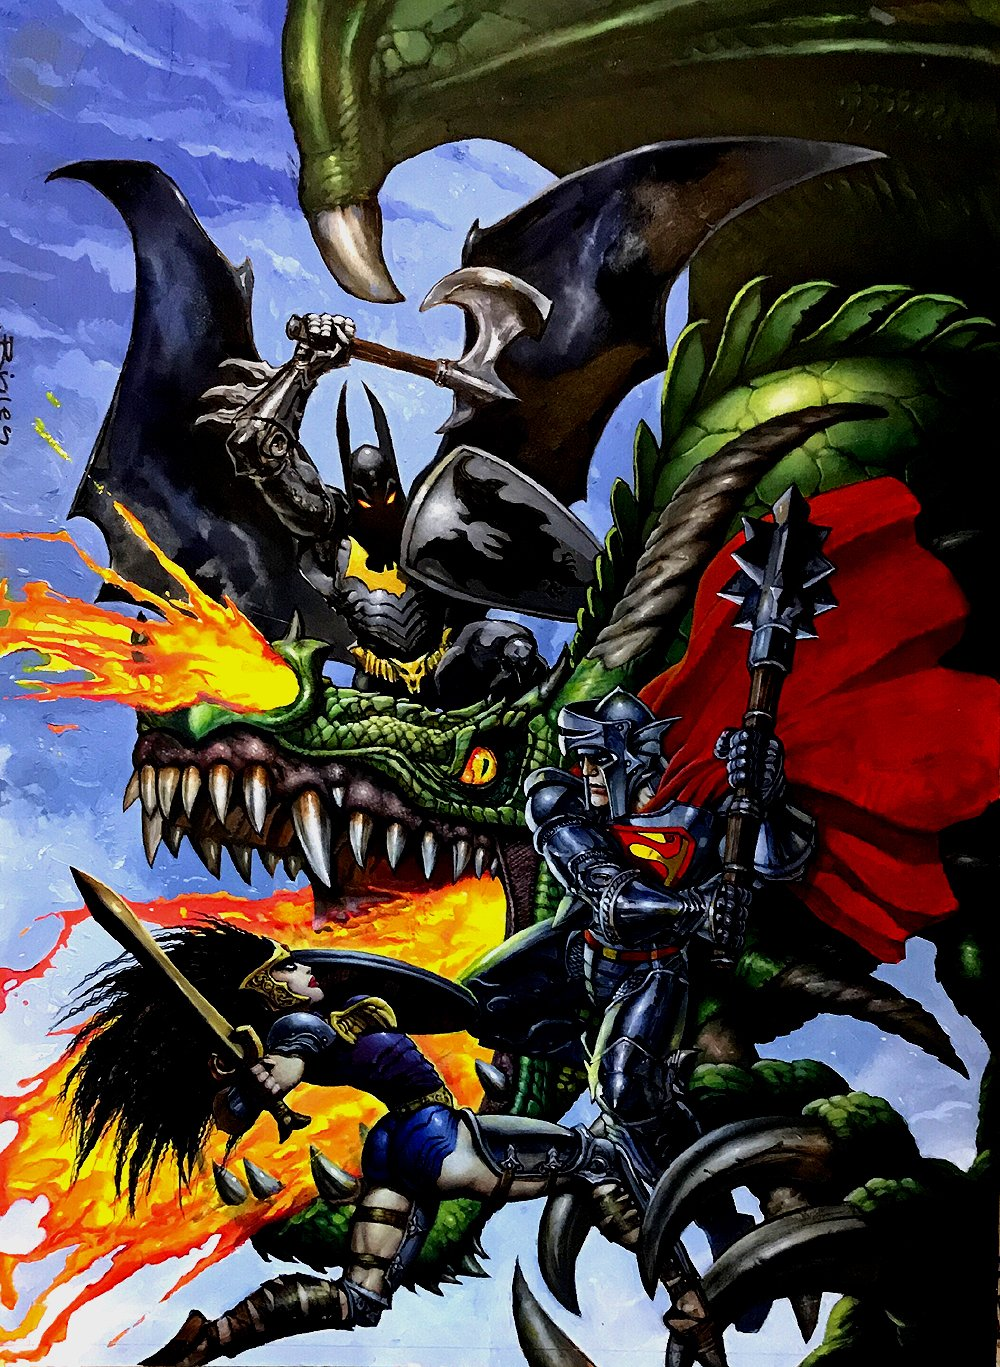 Dark Nights Metal #1 HUGE Cover Painting